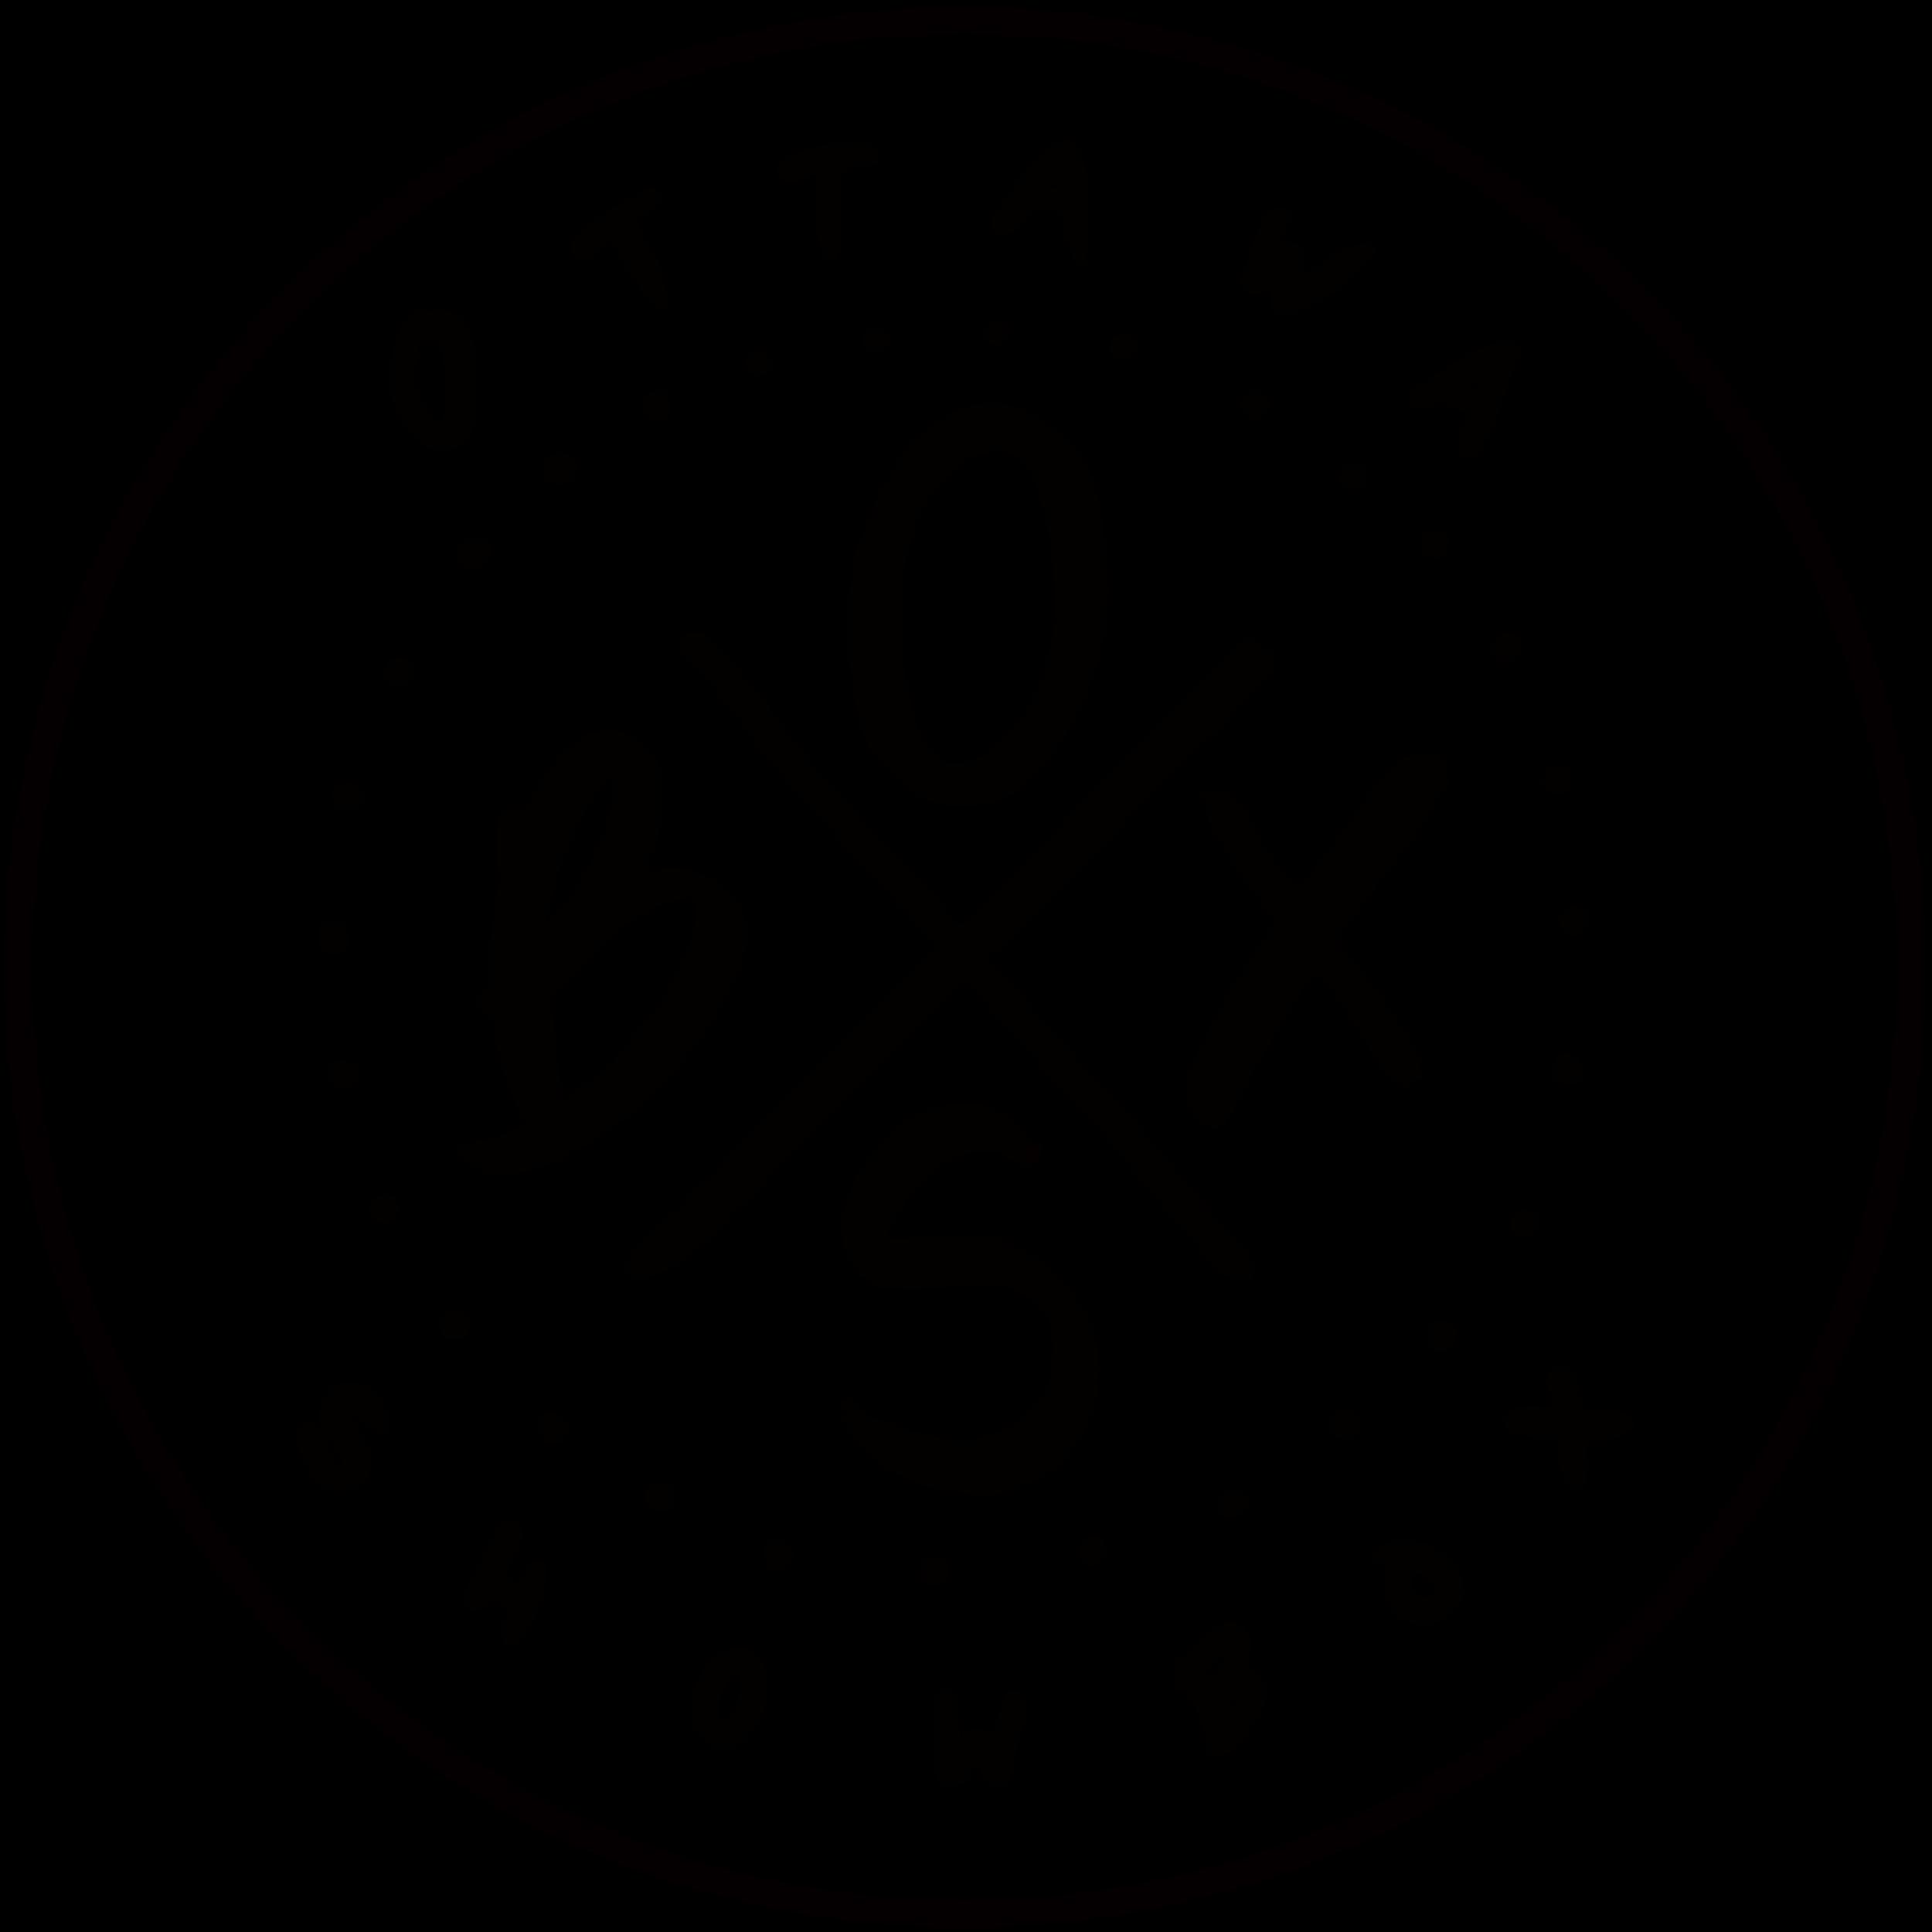 OTT_SHOWBOX_FINAL_BLACK.png